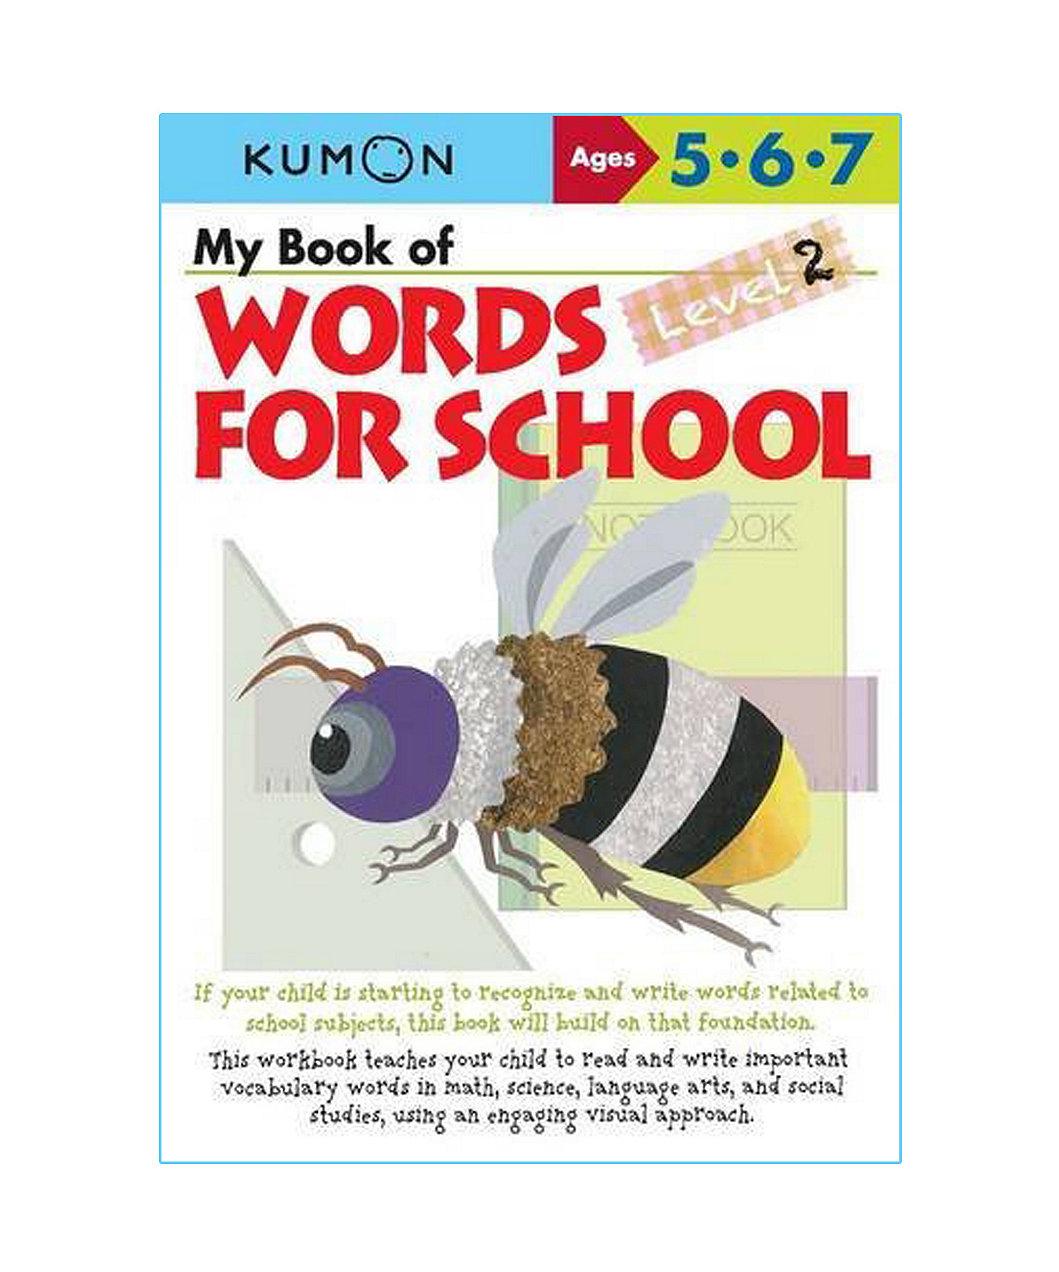 Workbooks buy kumon workbooks : Kumon Words For School 5-6-7 | ELC Indonesia